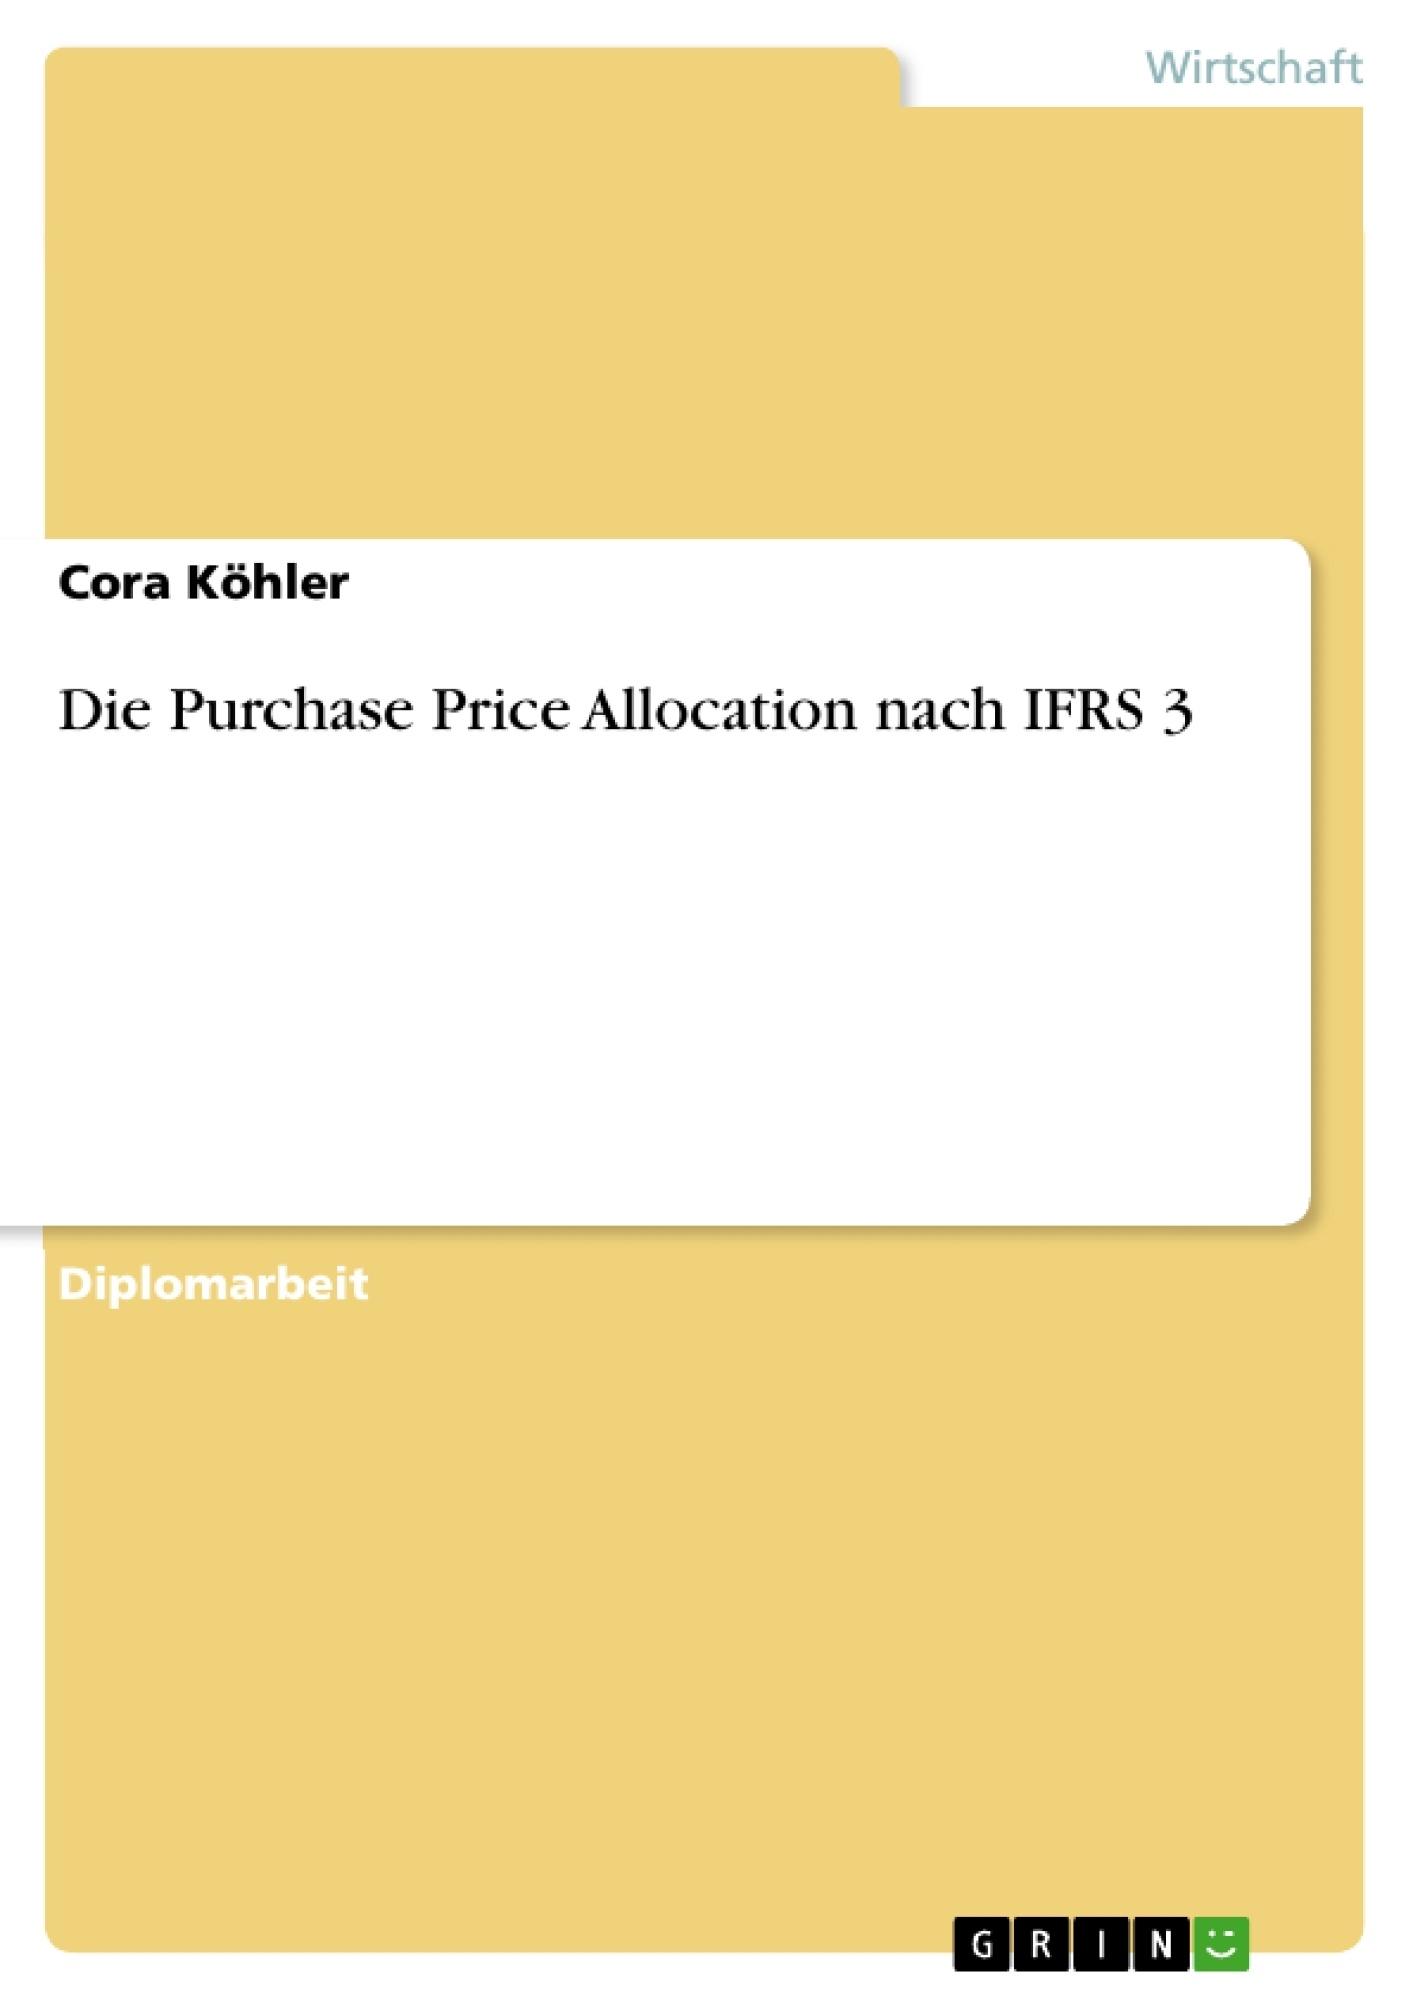 Titel: Die Purchase Price Allocation nach IFRS 3